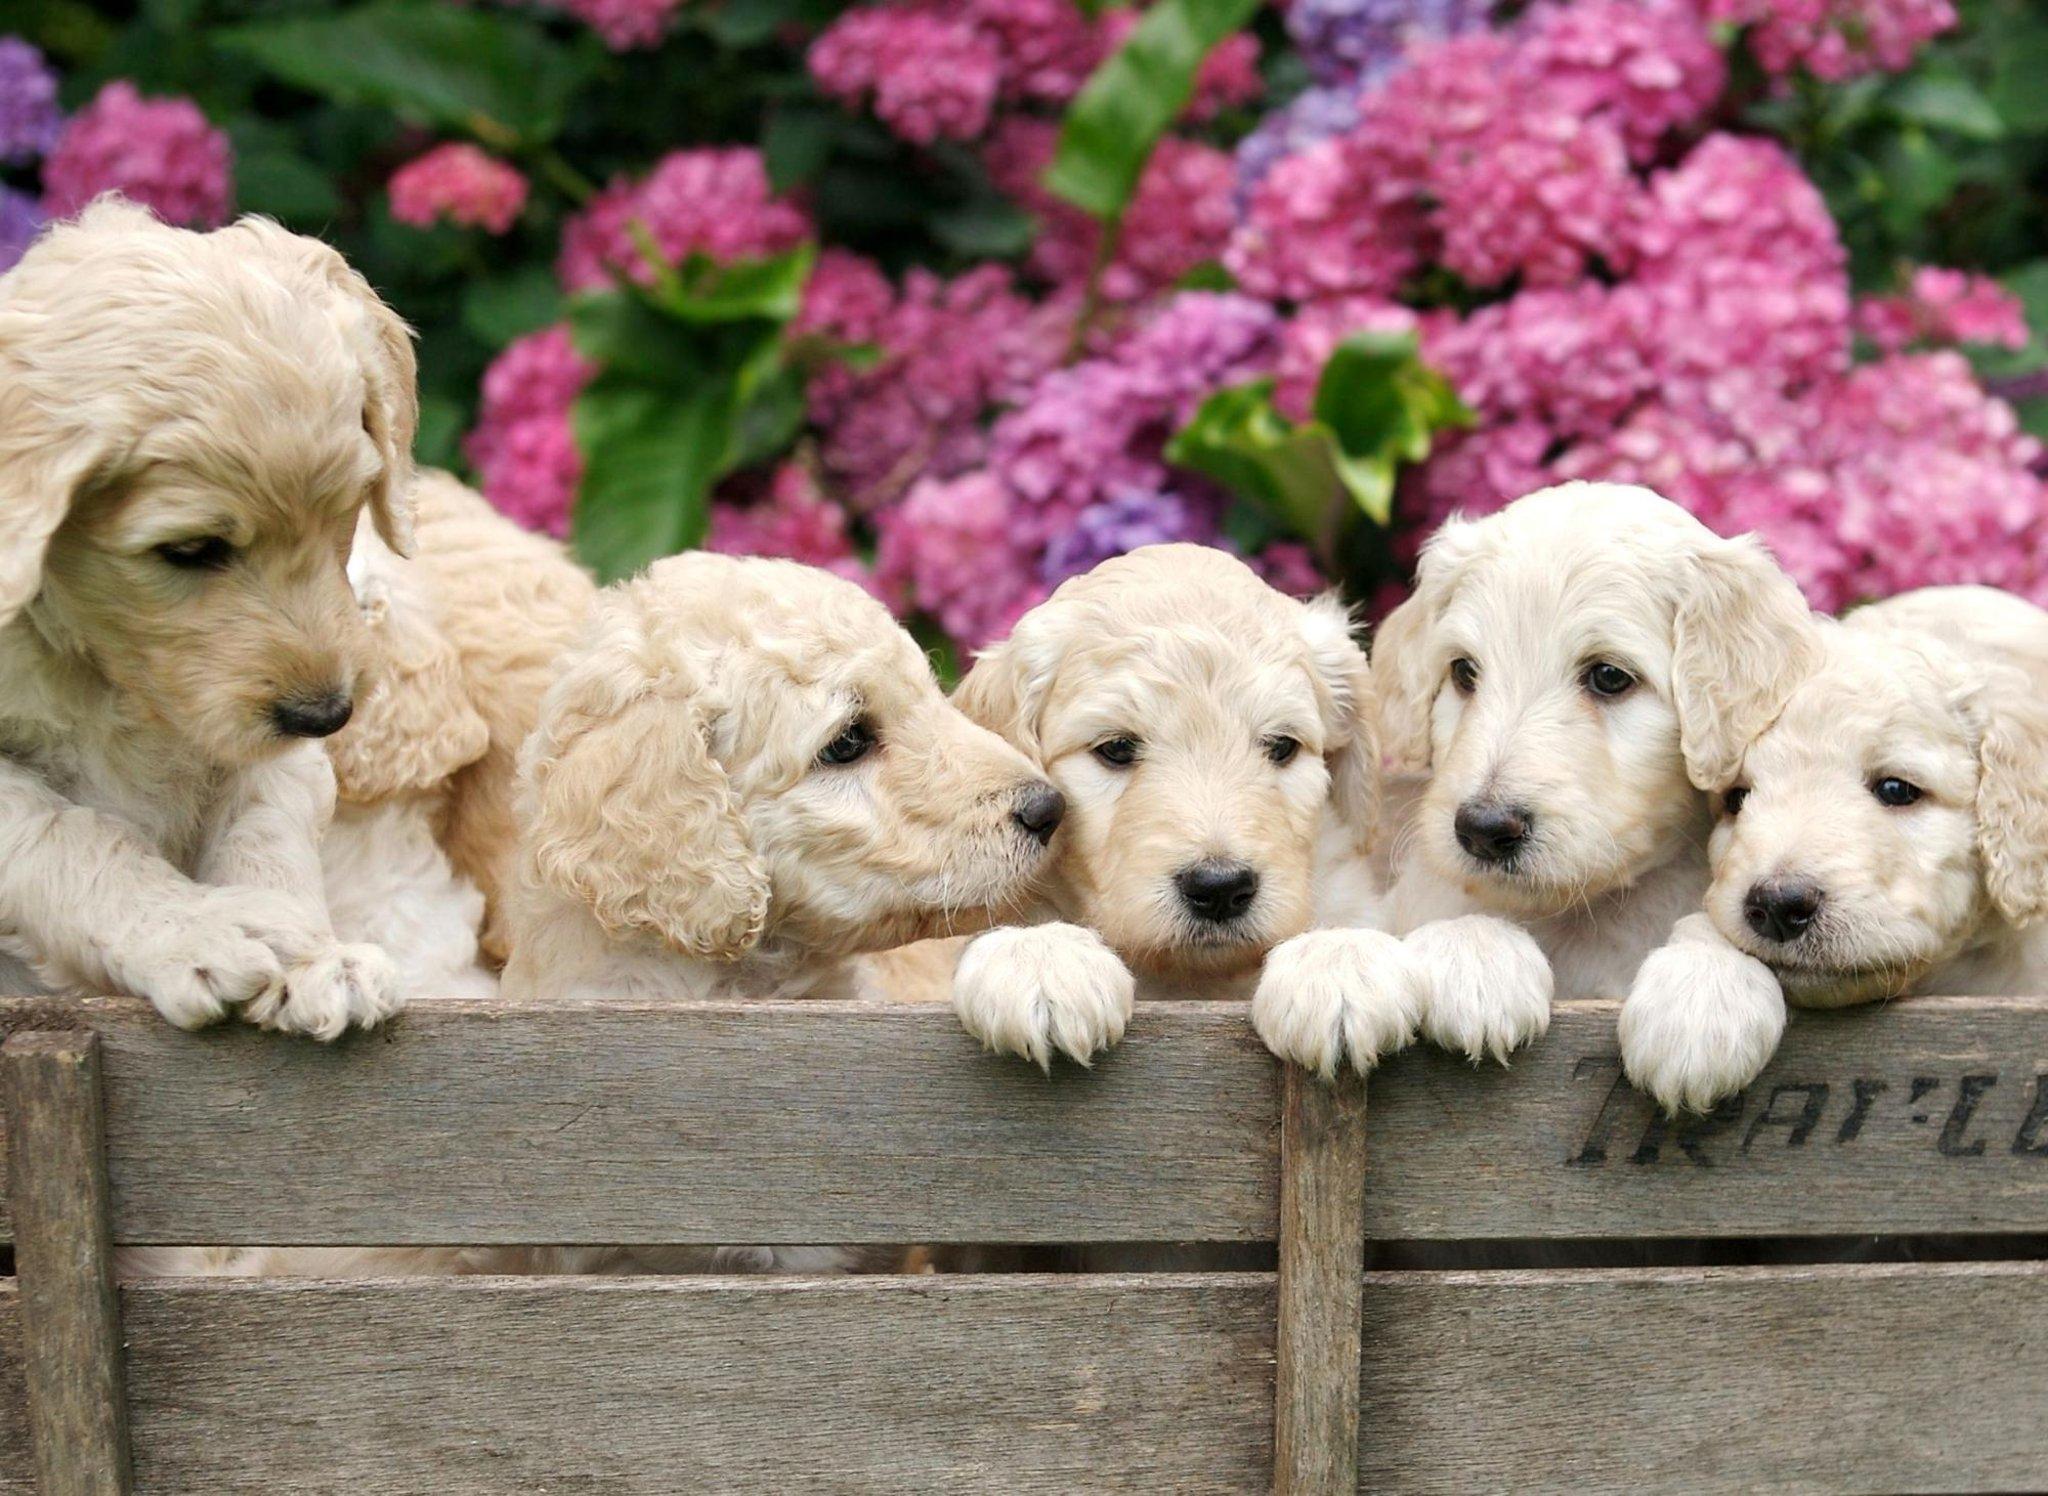 Ini adalah 10 fakta menyenangkan yang harus Anda ketahui tentang anjing blasteran Labradoodle yang populer dan suka diemong